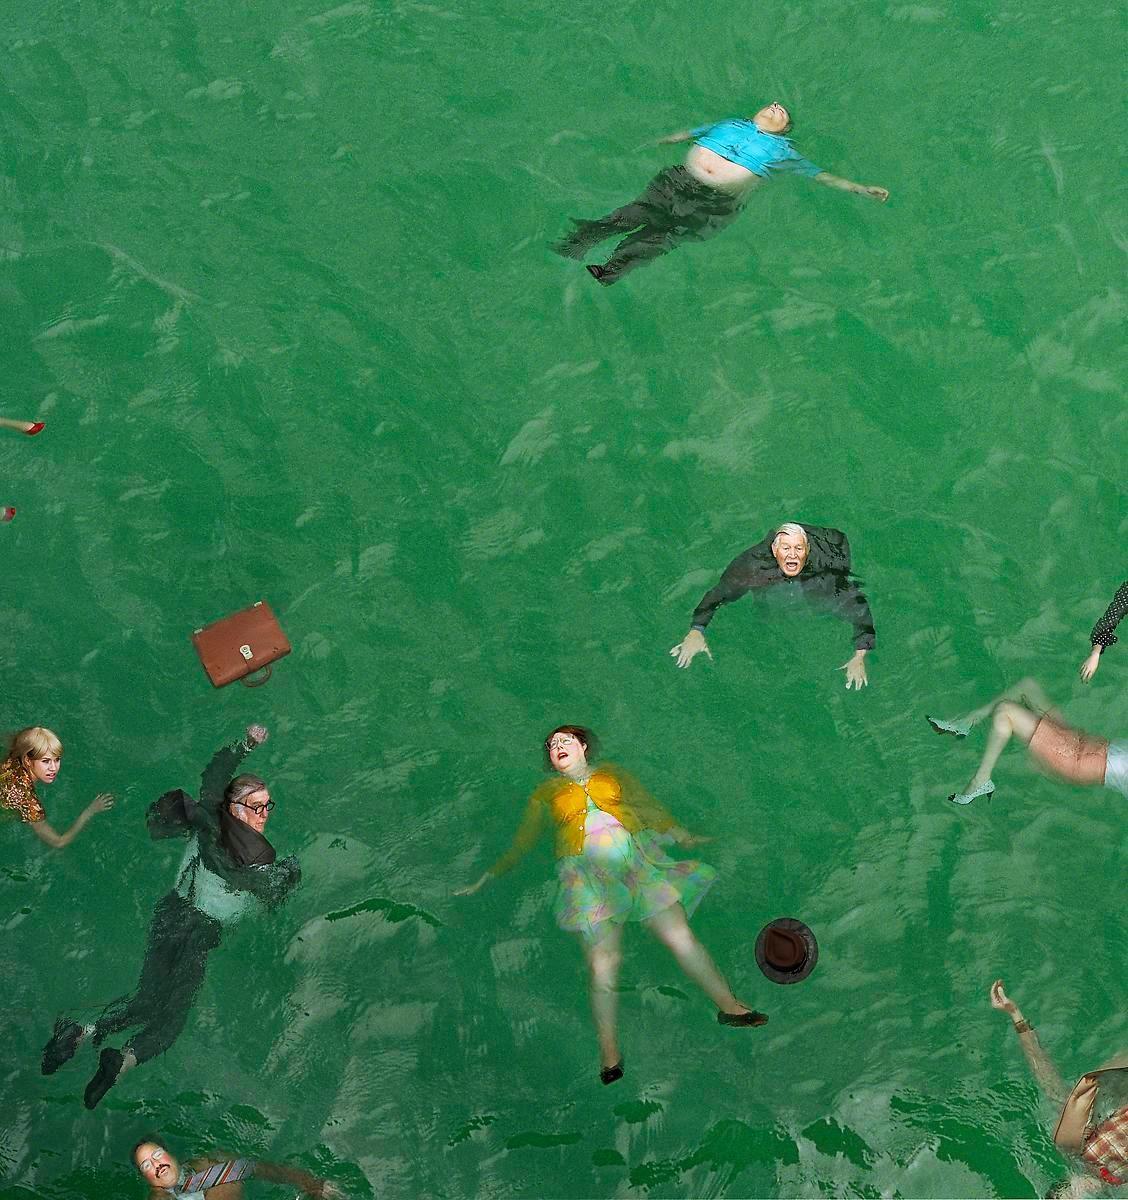 亞莉克絲·æ™®æ‹‰æ¼çˆ¾ 3:14pm, Pacific Ocean, 2012